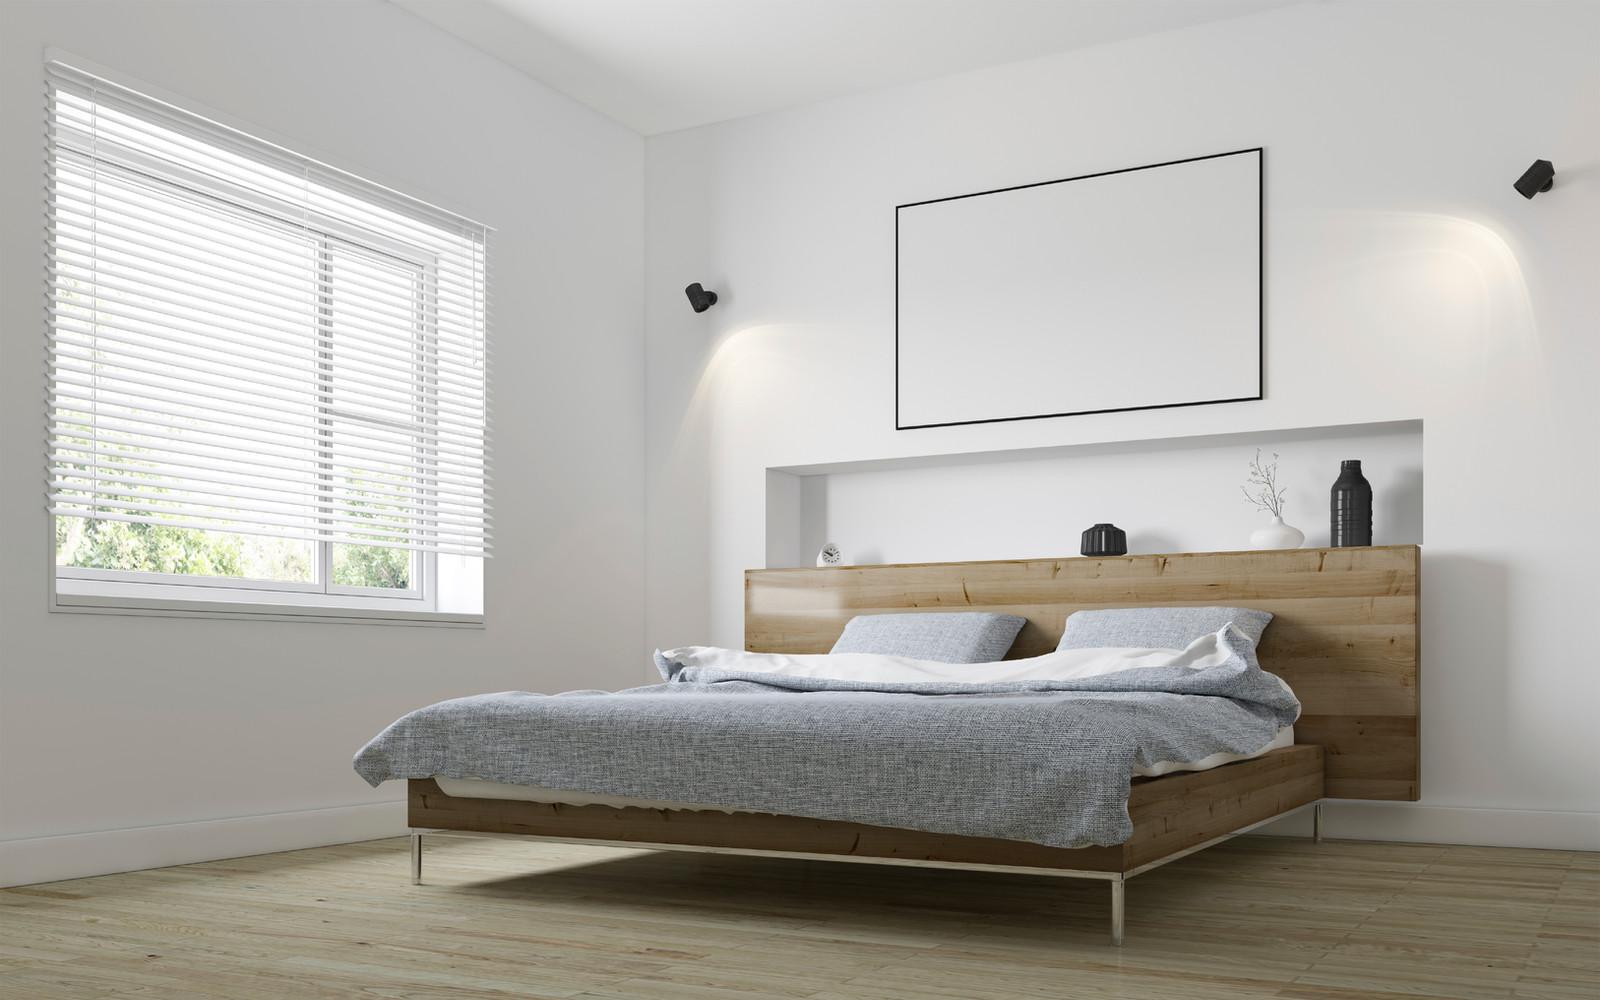 chambre d 39 hotel photographe pro architecture interieur luminaire linge de maison julie. Black Bedroom Furniture Sets. Home Design Ideas